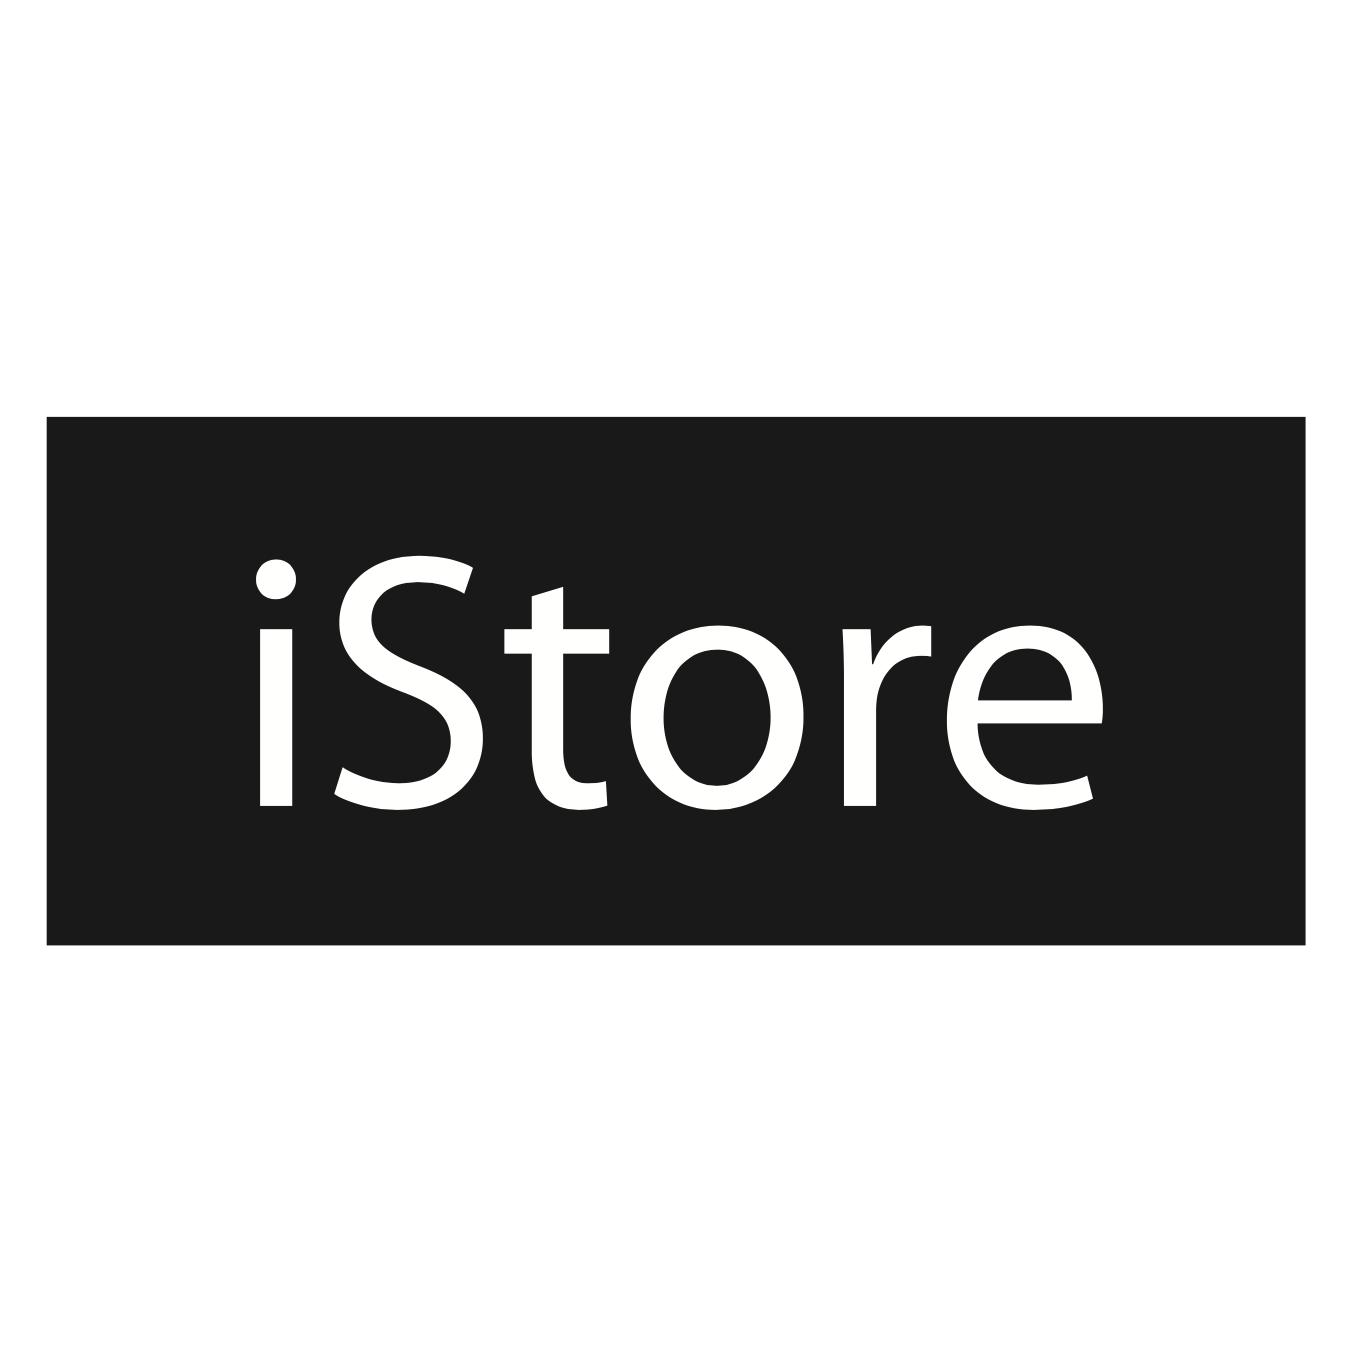 Mac mini | Apple M1 chip | 256GB SSD